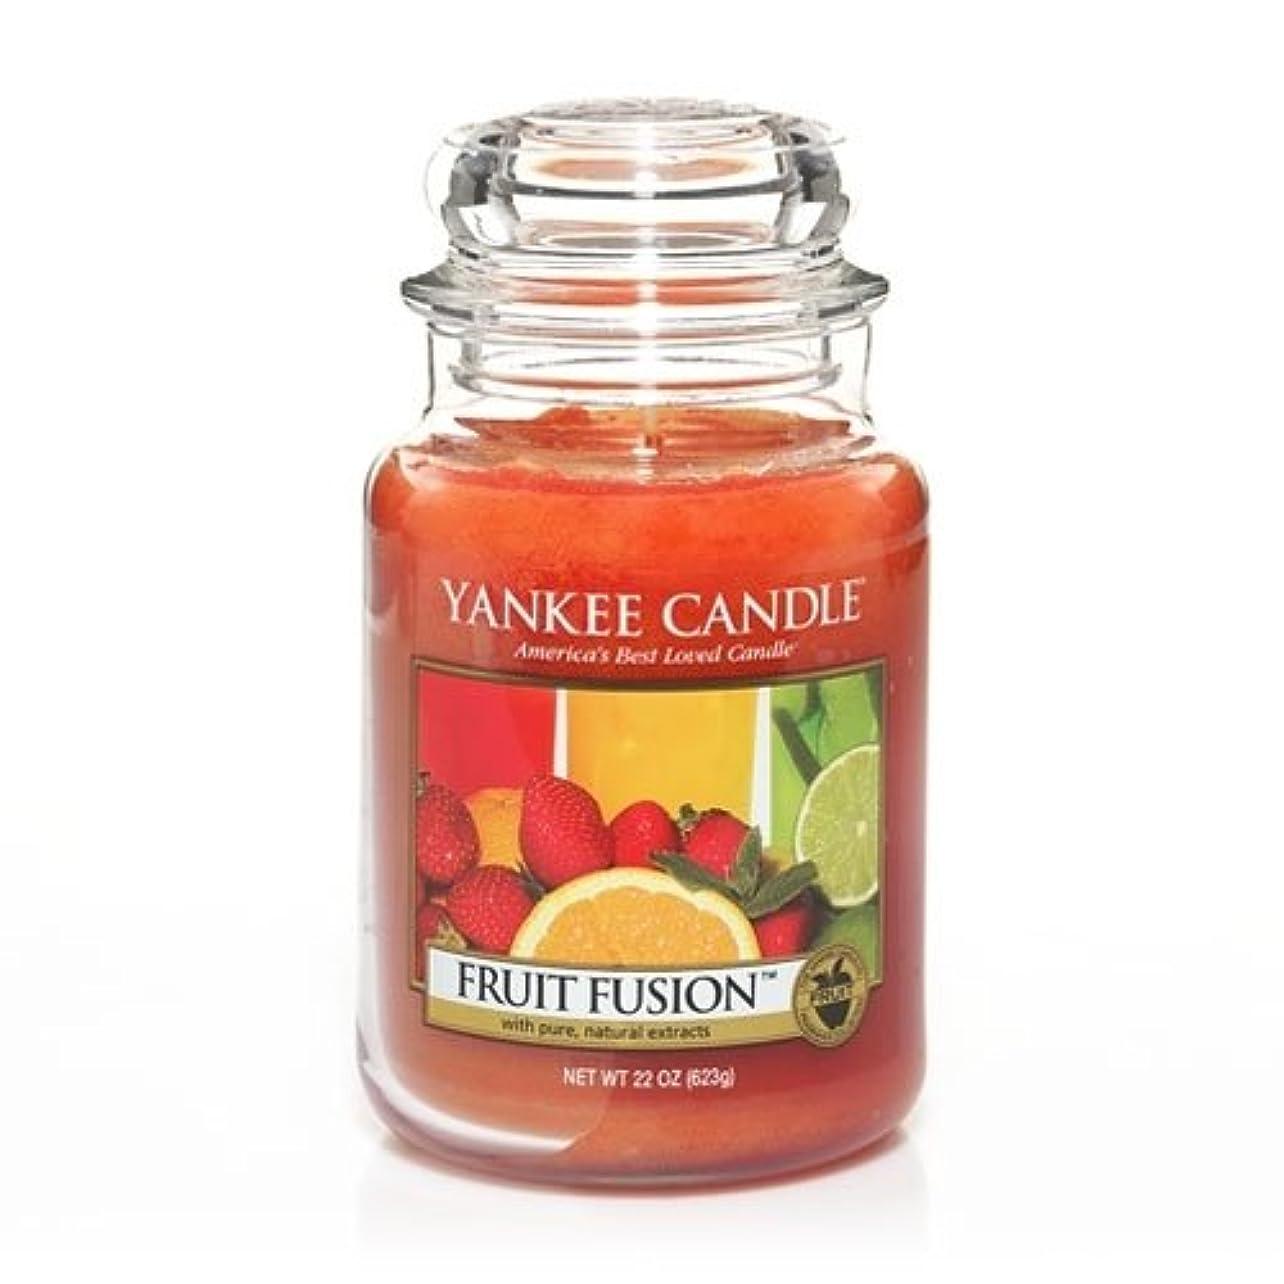 プット要件スライスYankee Candle Fruit Fusion、フルーツ香り Large Jar Candles オレンジ 1230712-YC